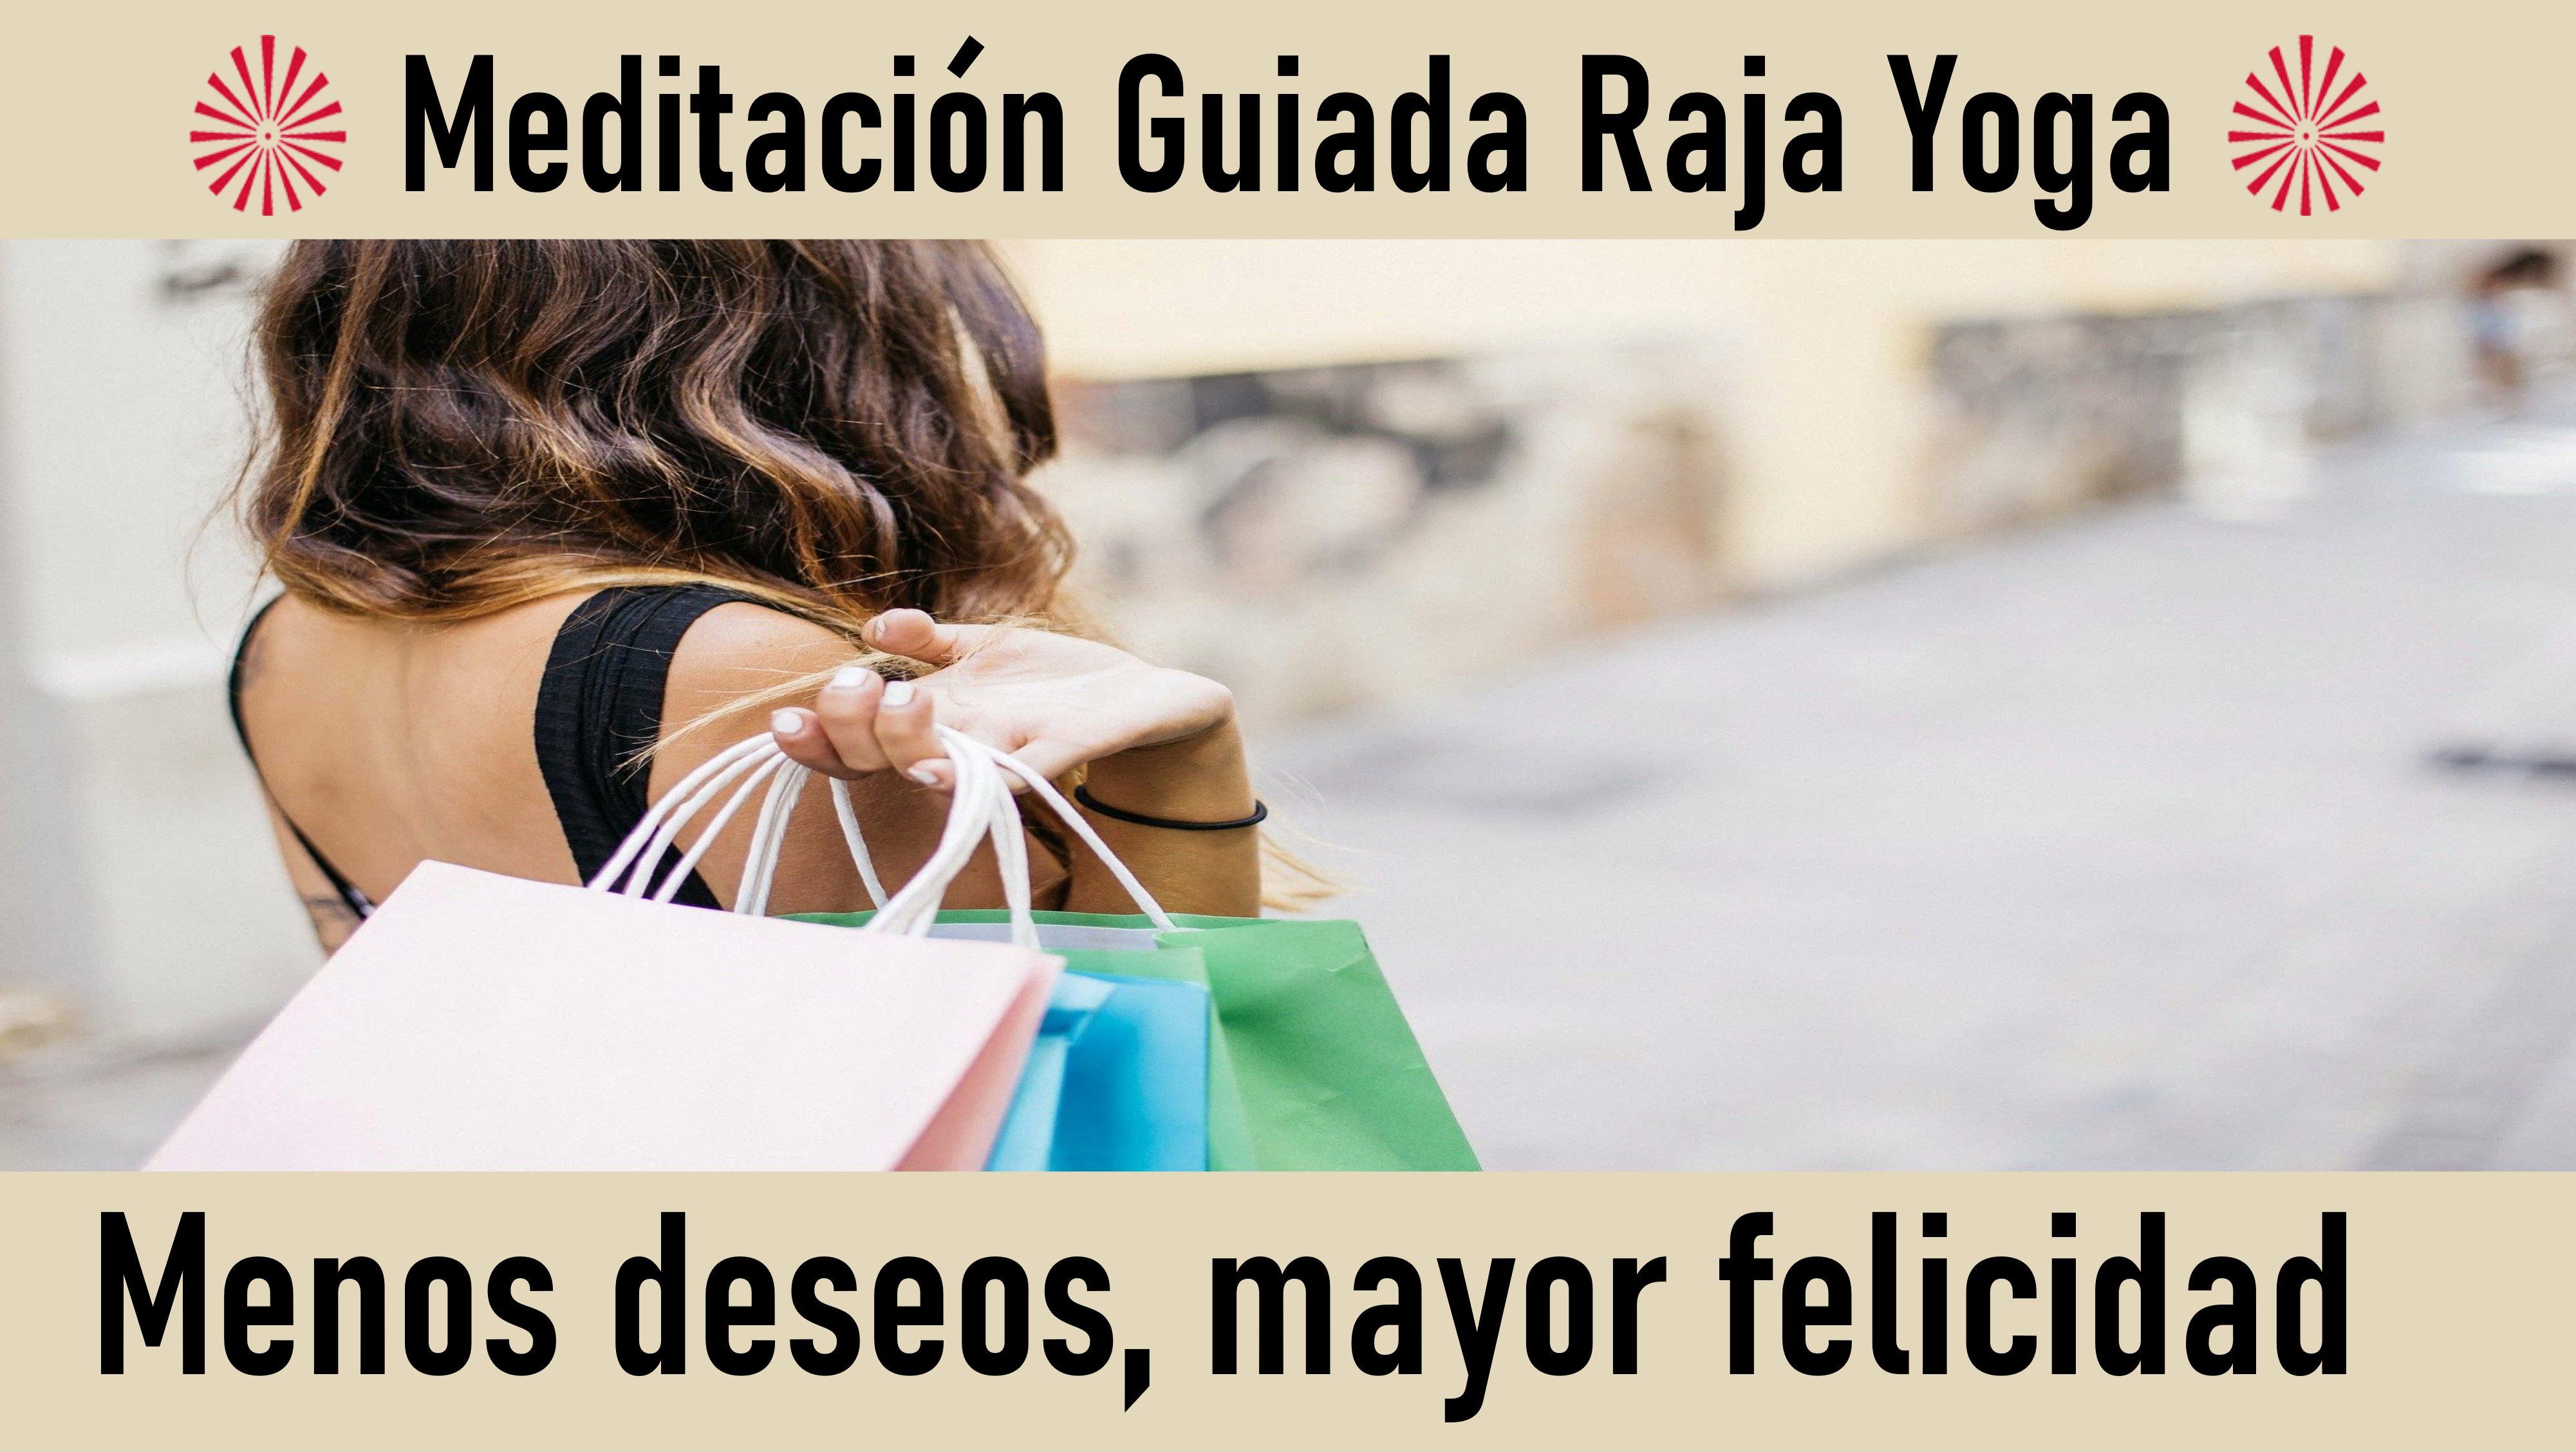 Meditación Raja Yoga: Menos deseos, mayor felicidad (9 Junio 2020) On-line desde Sevilla